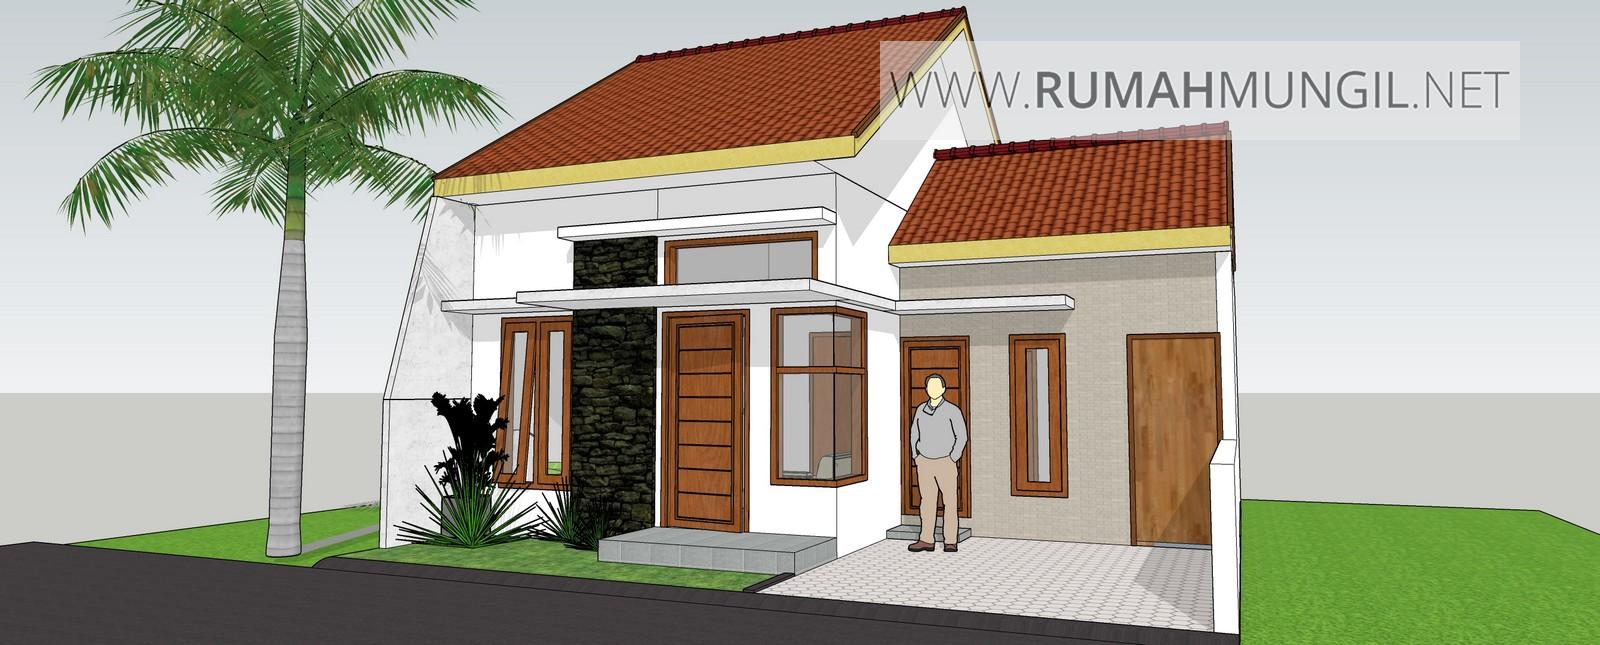 Model Rumah Mungil 7x8m Sederhana Rumahmungil Net